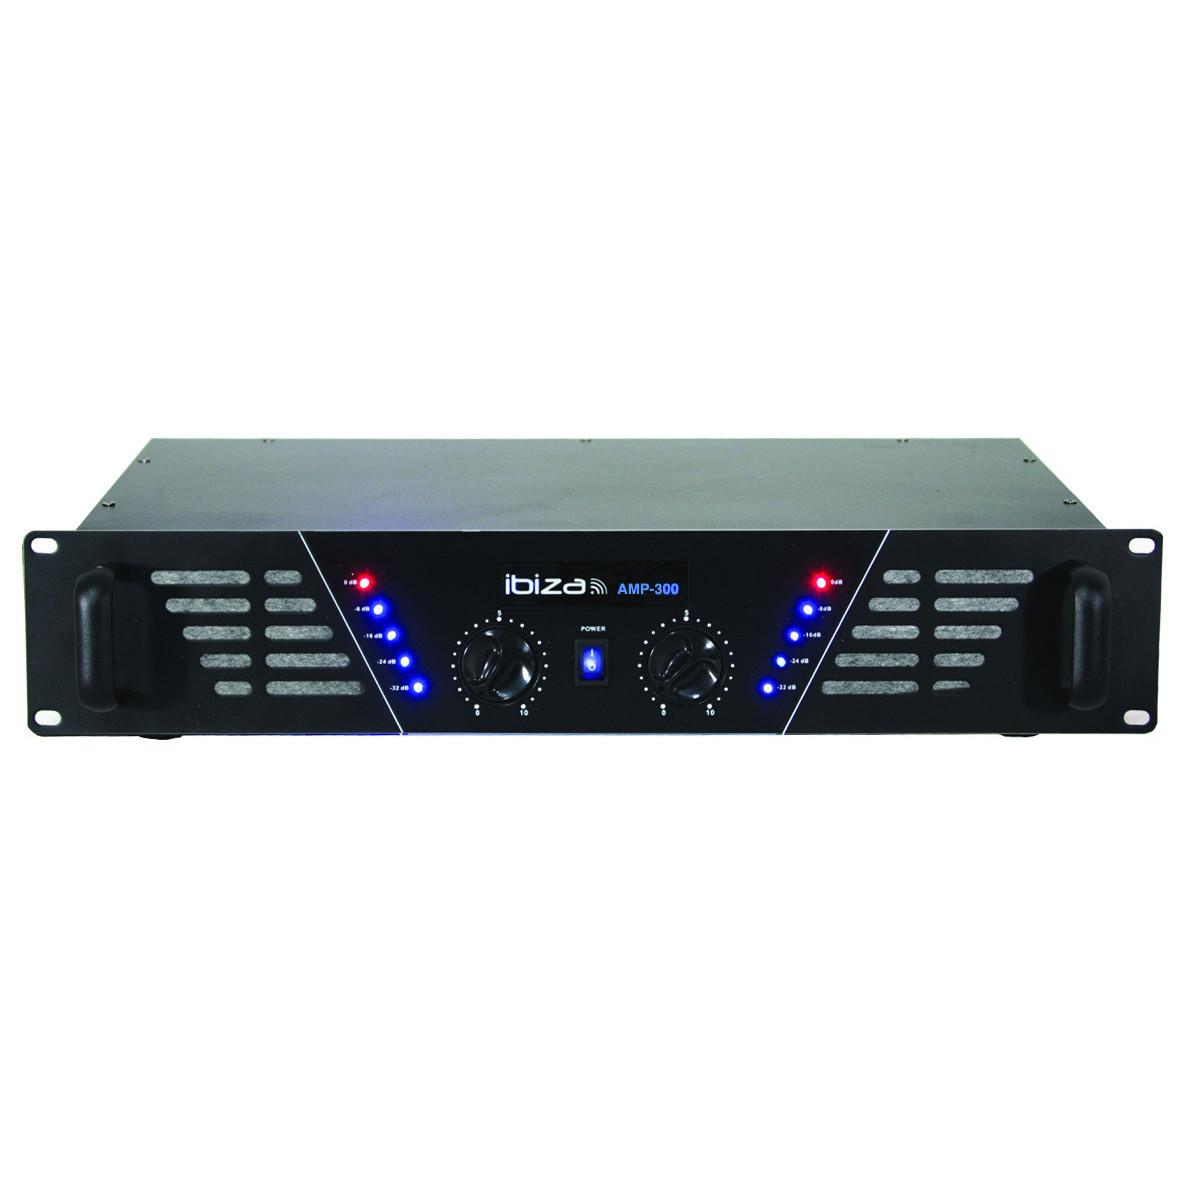 ΕΝΙΣΧΥΤΗΣ AMP 800  2*320W/8Ω MAX